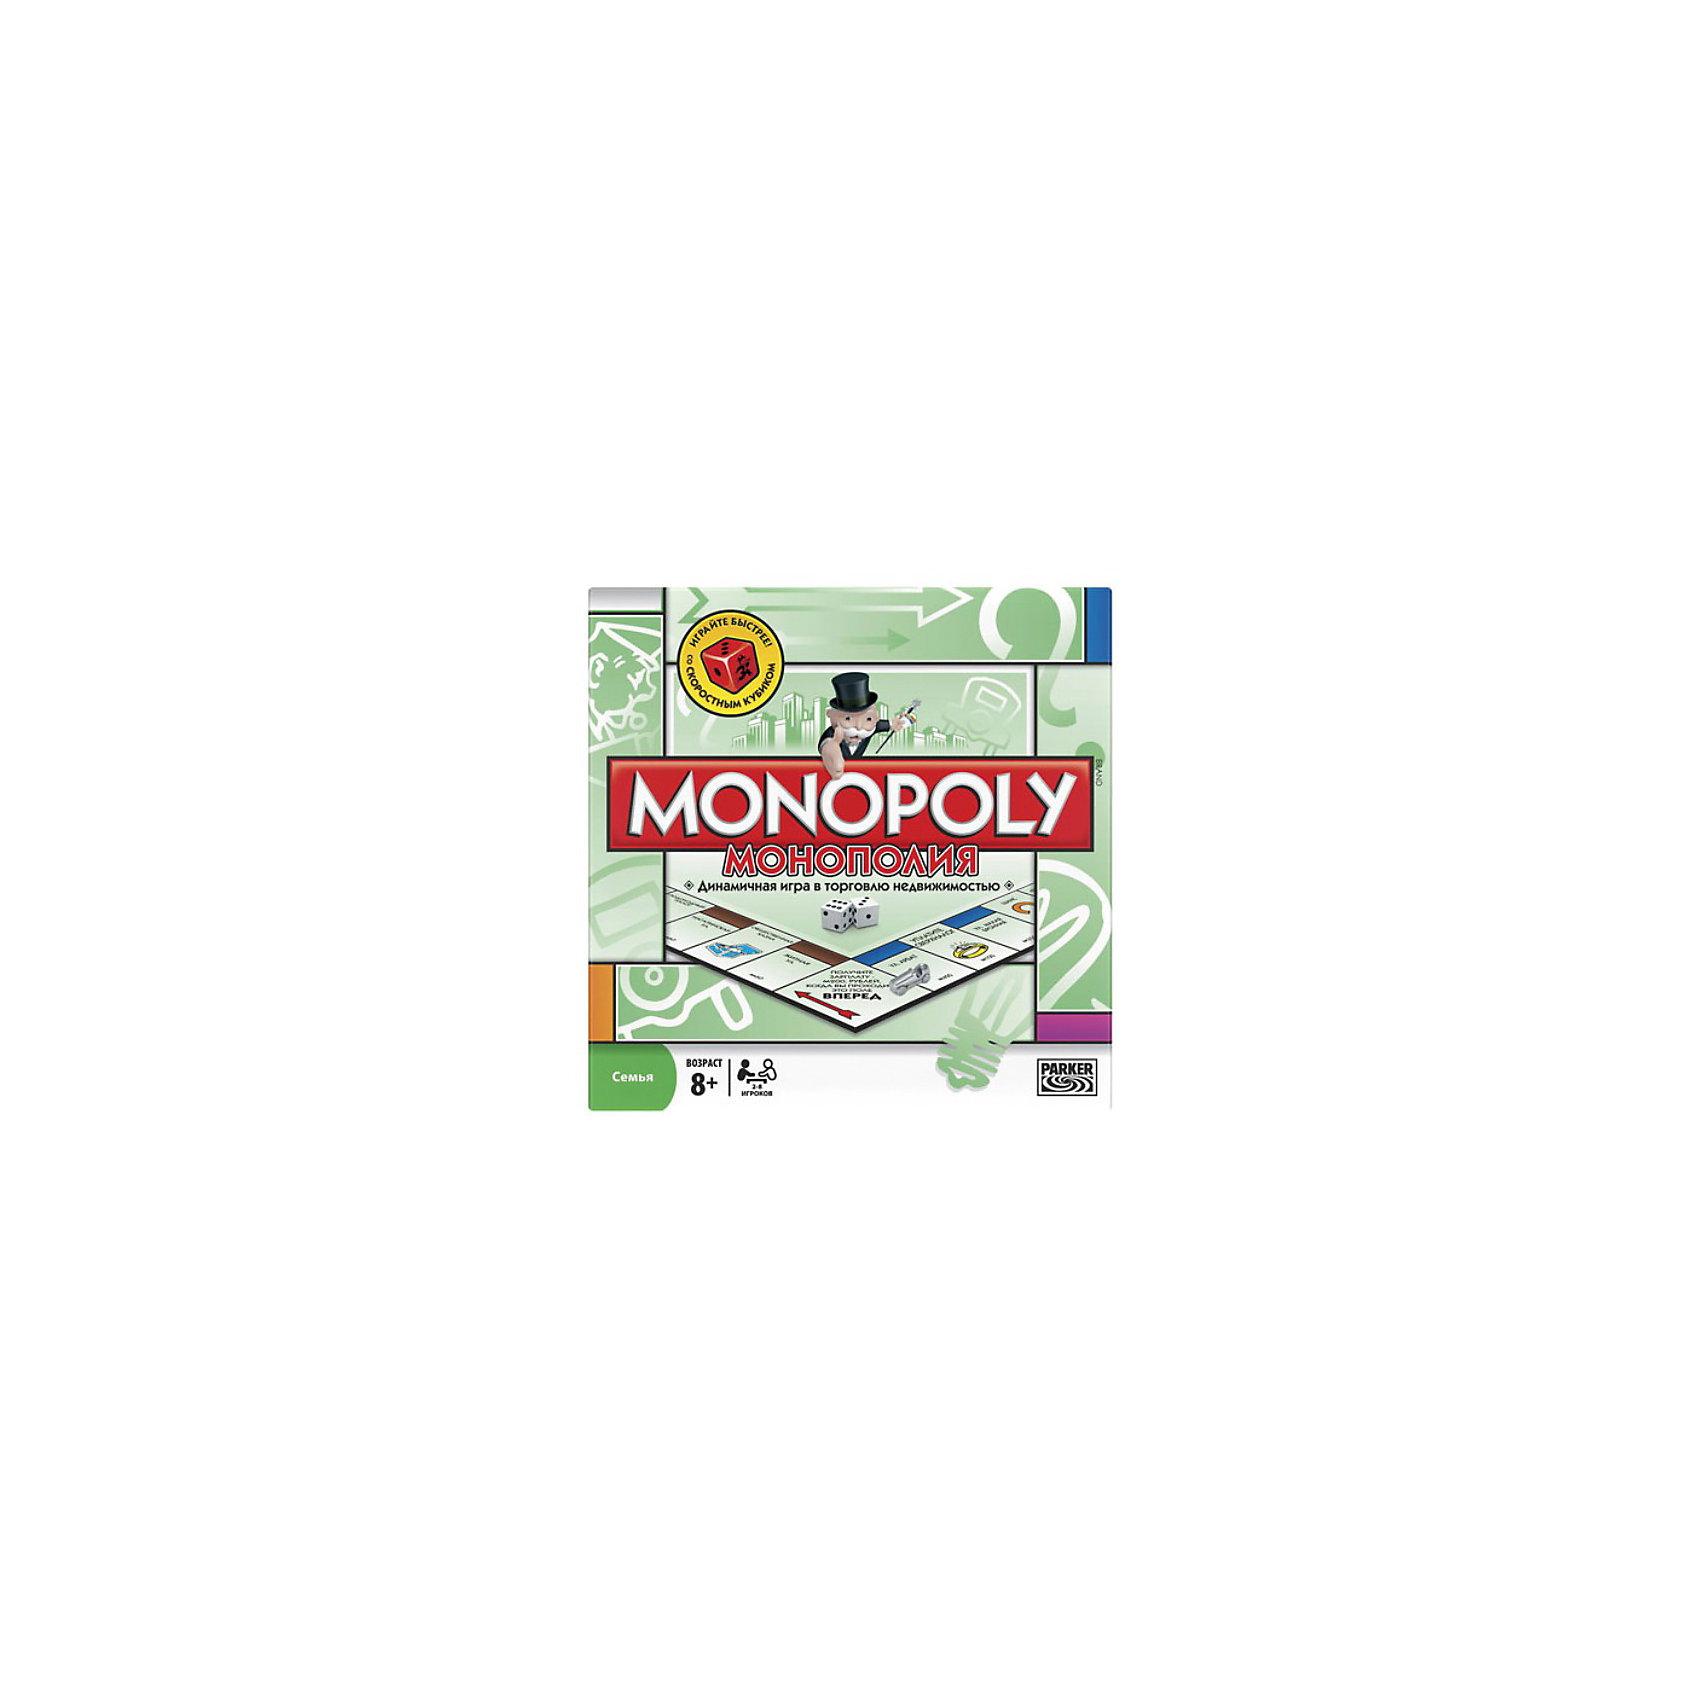 Игра Монополия, HasbroИгры для развлечений<br>Настольная игра Монополия, обучающая торговле недвижимостью. <br><br>Ваш успех зависит от удачных сделок, дальновидных капиталовложений и разумных договоров. Даже если удача отвернётся от Вас, Вы сможете поправить свои дела, получив ссуду под залог имущества или заключив сделку с другими игроками. Став самым богатым игроком, т.е. будучи в состоянии скупить всю собственность, Вы приобретаете Монополию и выигрываете!<br><br><br>Дополнительная информация:<br><br>- Содержимое: 1 игровое поле, 10 игральных фишек, 28 карточек-документов на право собственности, 16 карточек «Шанс», 16 карточек Общей казны, 1 комплект специальных денег для Монополии, 32 Дома, 12 Отелей, 2 Игральных кубика.<br>- Для 2-8 игроков. <br>- Игра на русском языке.<br><br>Ширина мм: 50<br>Глубина мм: 400<br>Высота мм: 270<br>Вес г: 970<br>Возраст от месяцев: 96<br>Возраст до месяцев: 1188<br>Пол: Унисекс<br>Возраст: Детский<br>SKU: 2149673